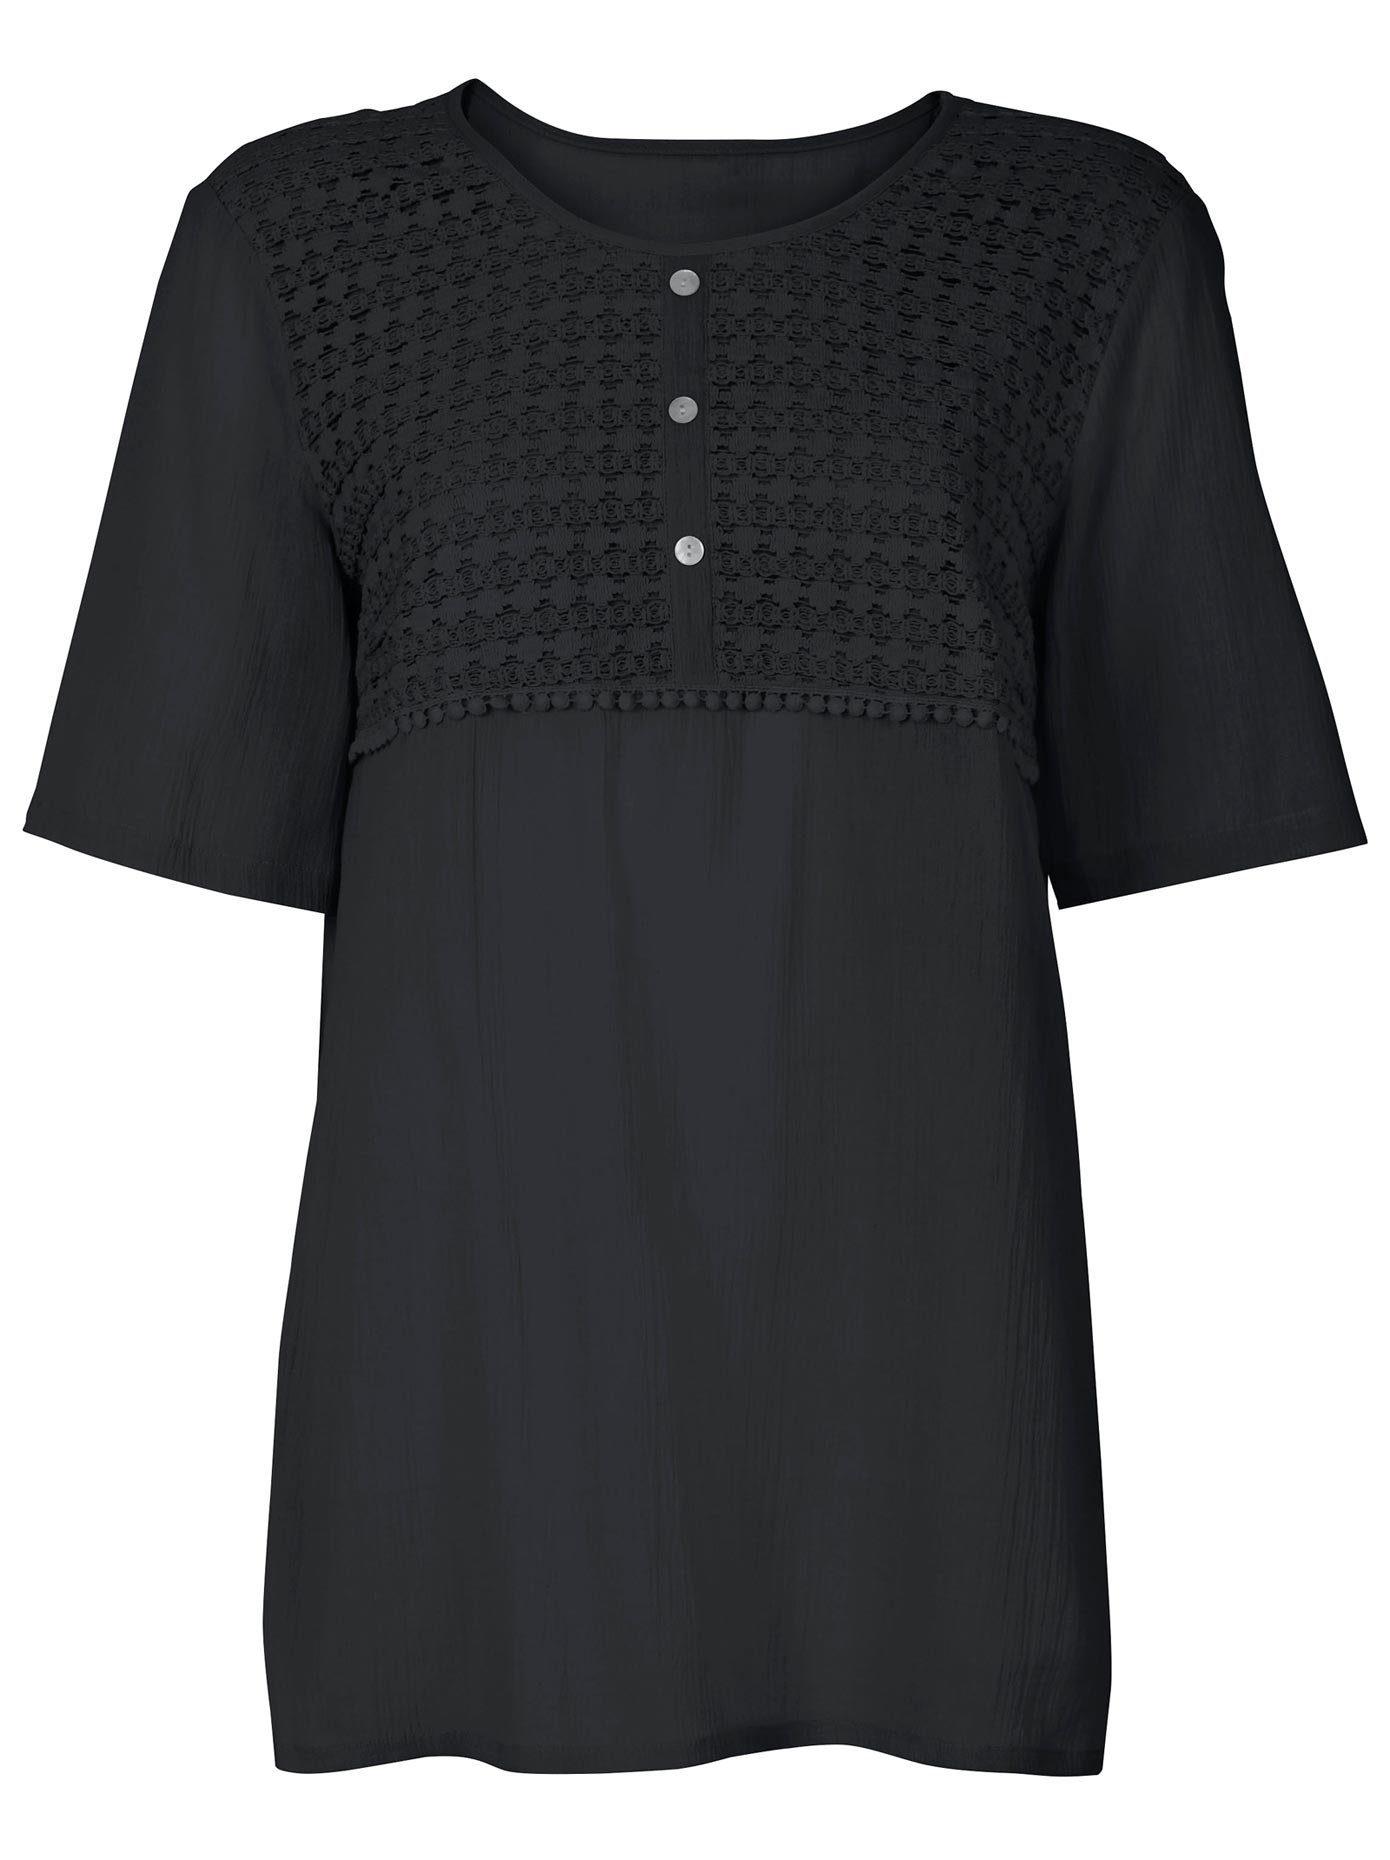 leichtes Top mit Spitze 38 40 42 Bluse von Aniston in weiß und schwarz Gr